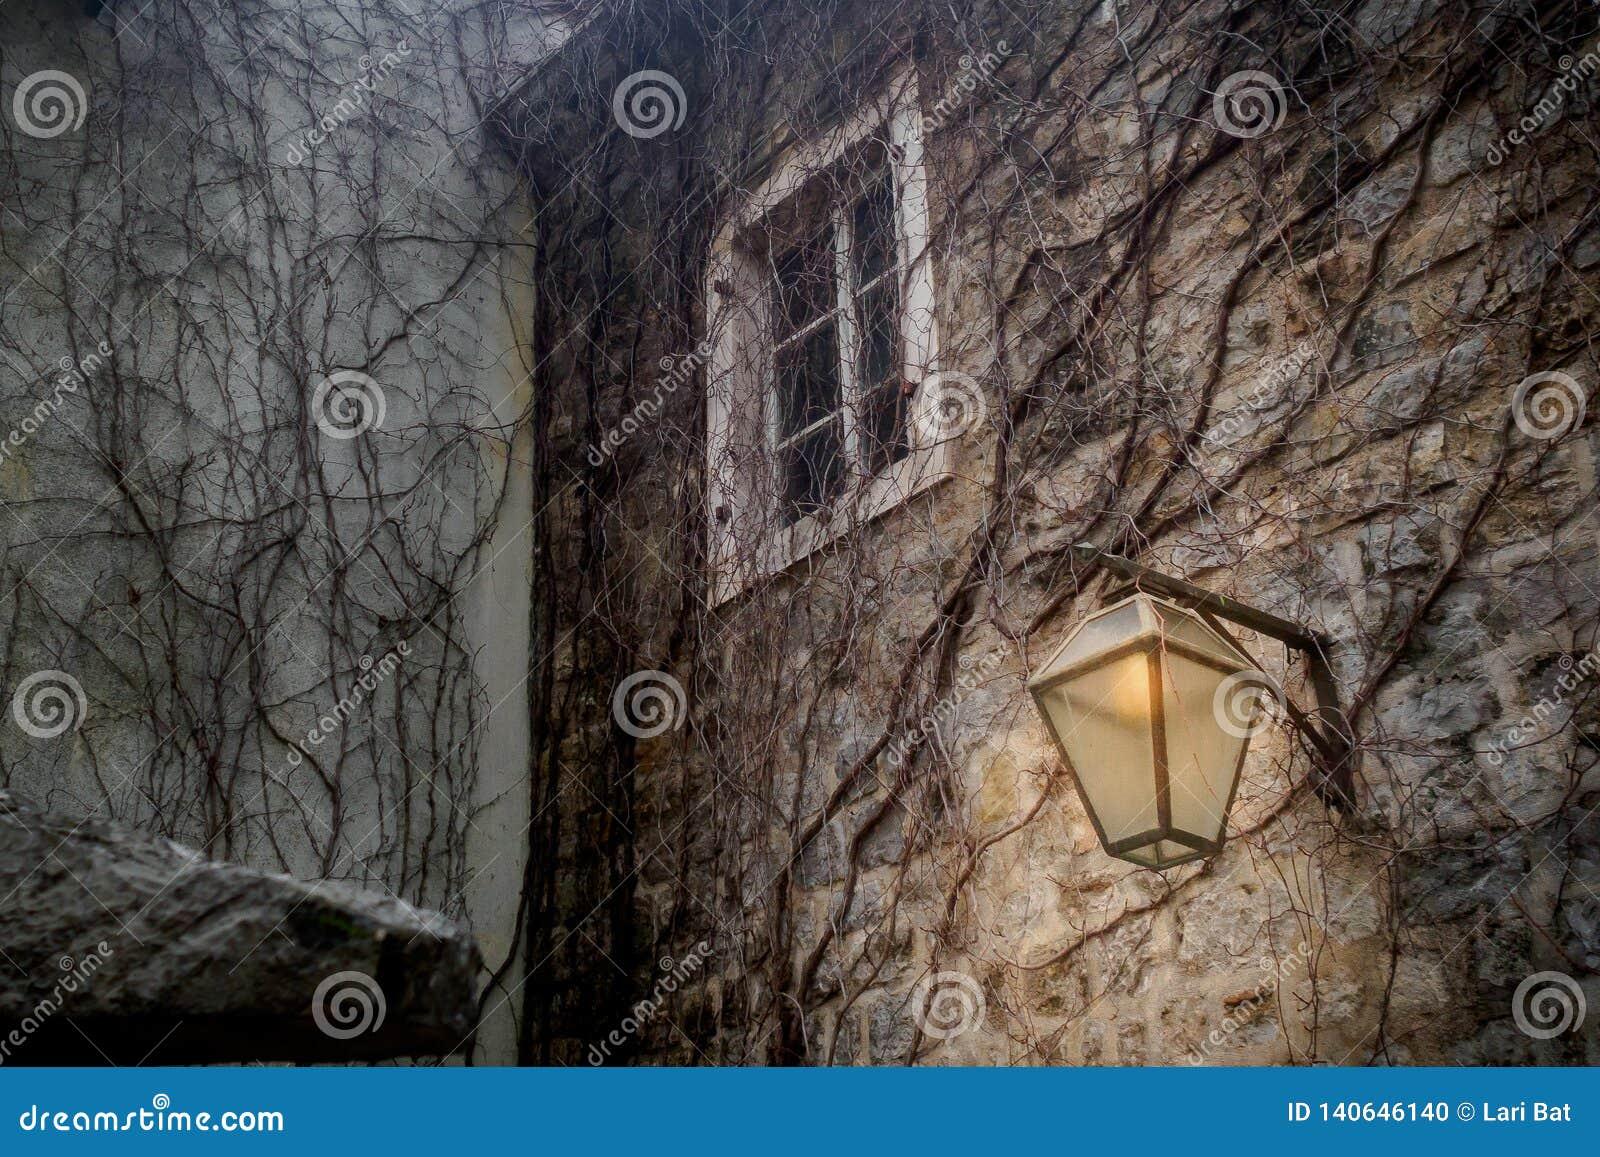 Brennende Laterne Auf Der Wand Der Alten Stadt Stockfoto   Bild von leuchtend, abend 140646140